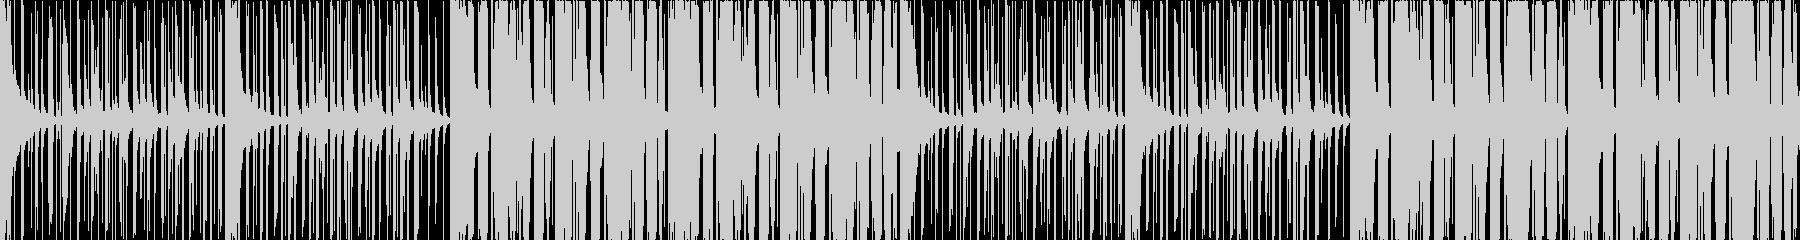 【ハロウィン】キッズホラー系【怖楽しい】の未再生の波形